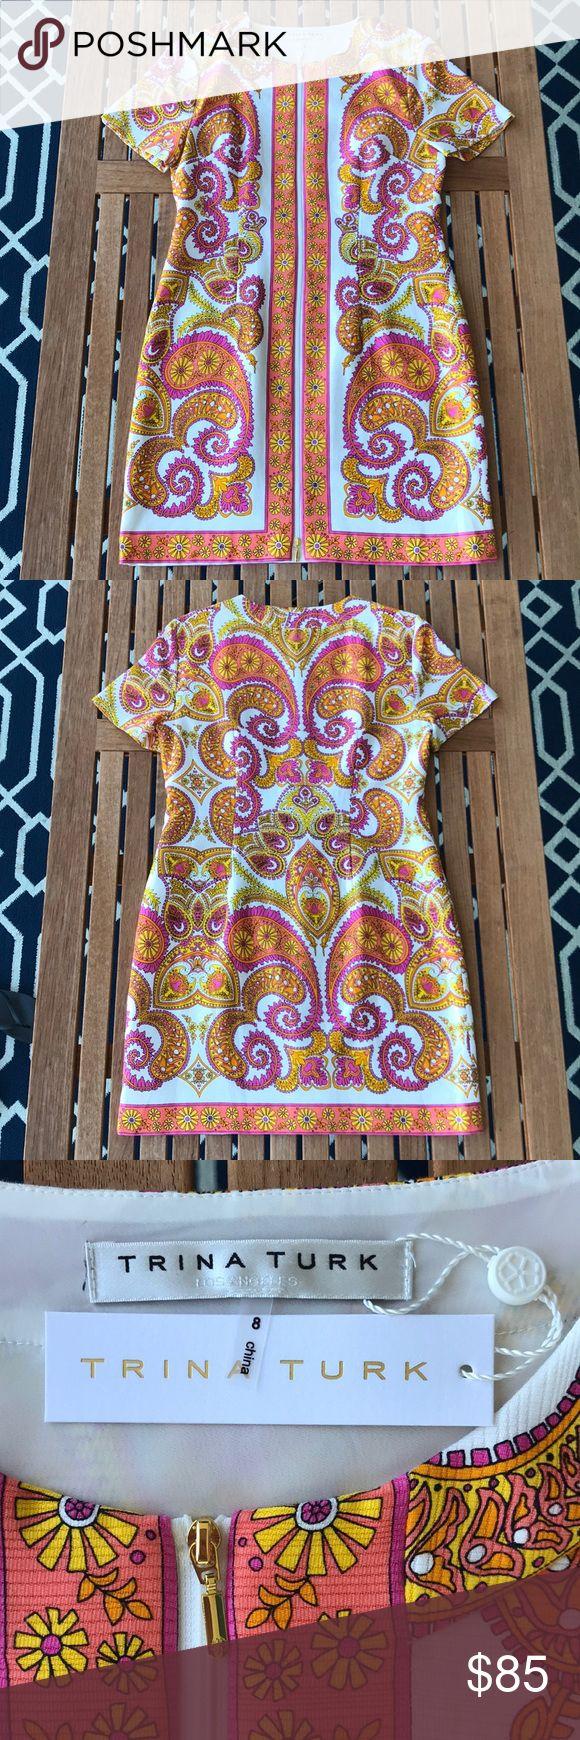 NWT Trina Turk Paisley Dress, Size 8 Playful yet poised NWT Trina Turk dress wit…